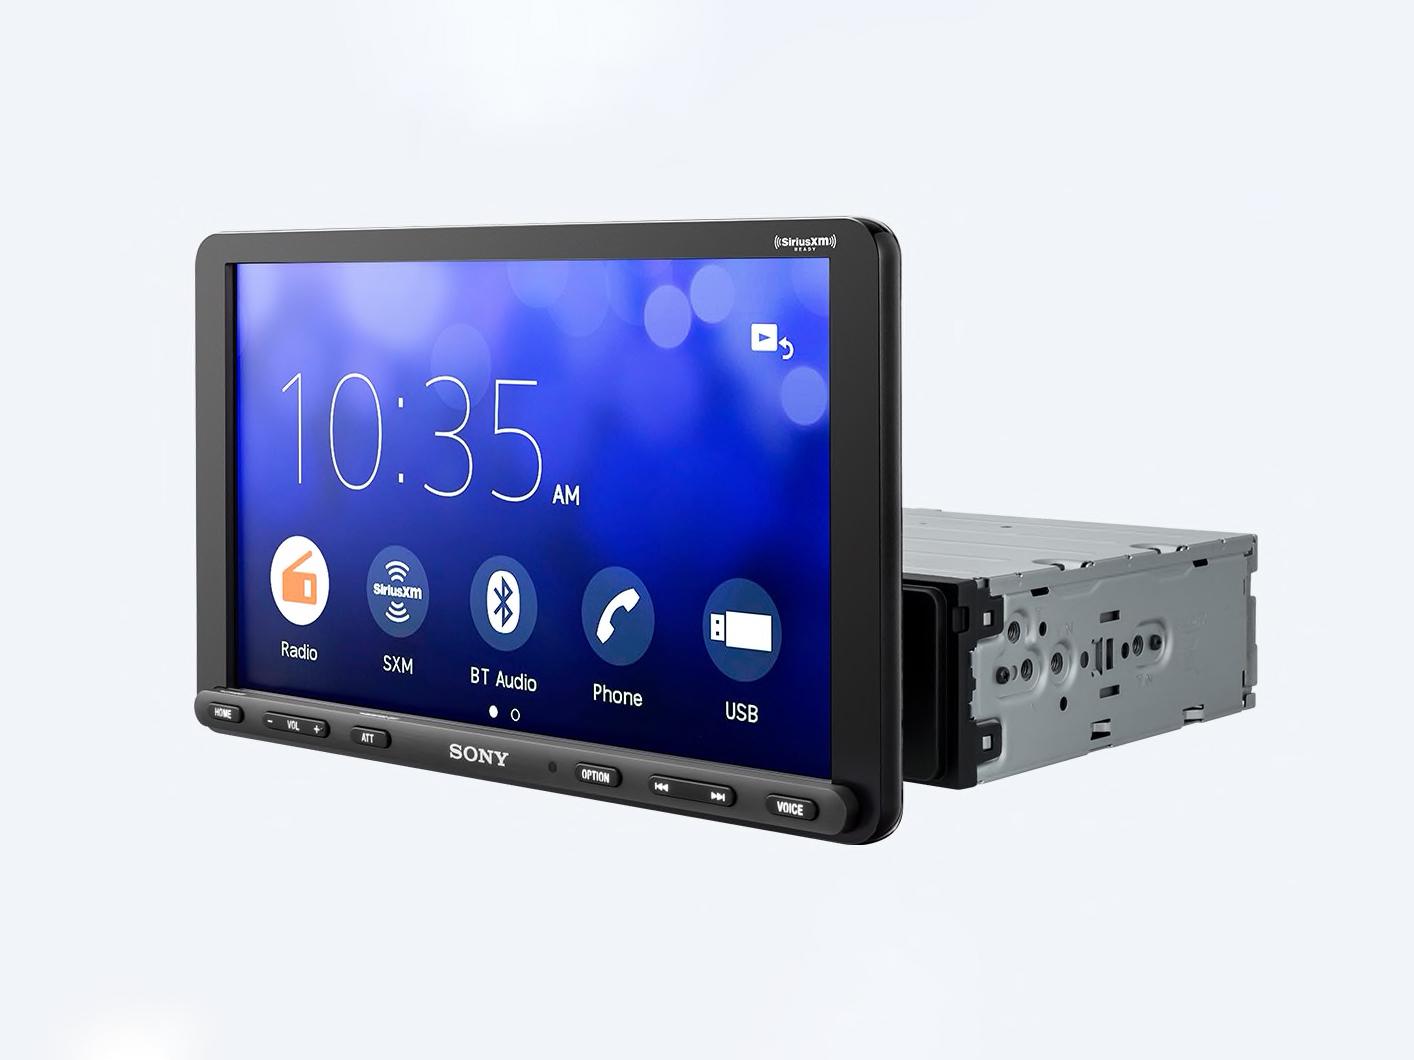 Sony XAV-AX8000 Android Auto & Apple CarPlay Multimedia Player (With Anti Glare Display)